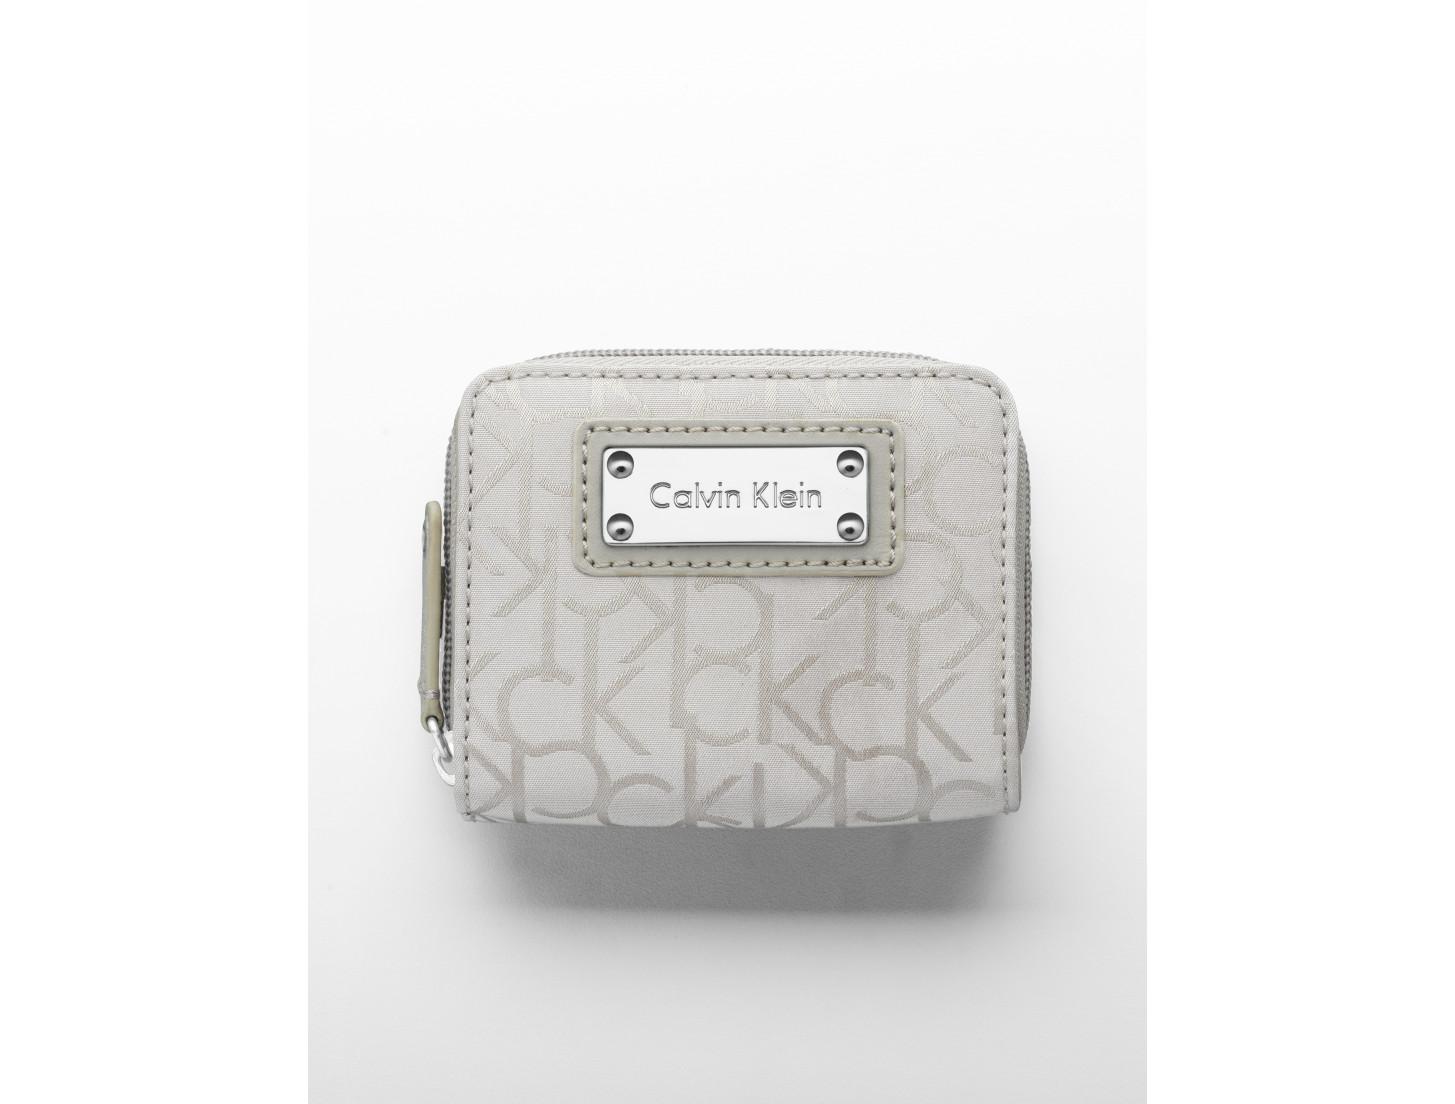 32175ceed9 calvin klein women's nylon logo id wallet | razzberrycouture